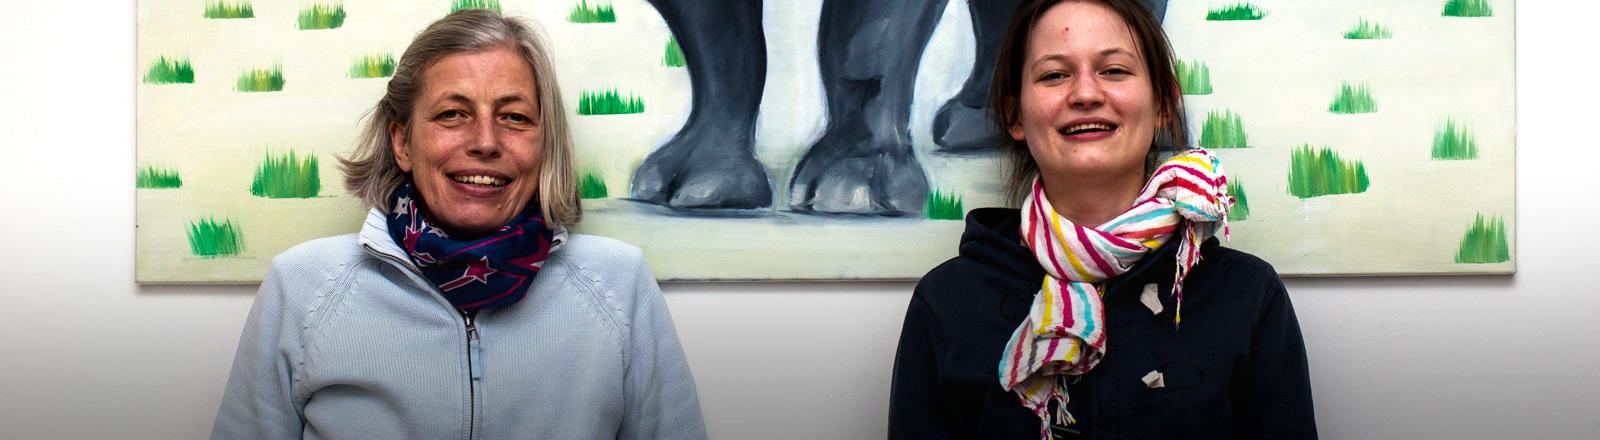 Bettina Scheifinger-Jaufer mit ihrer Tochter Johanna vor einem Bild von Nashorn Pablo.